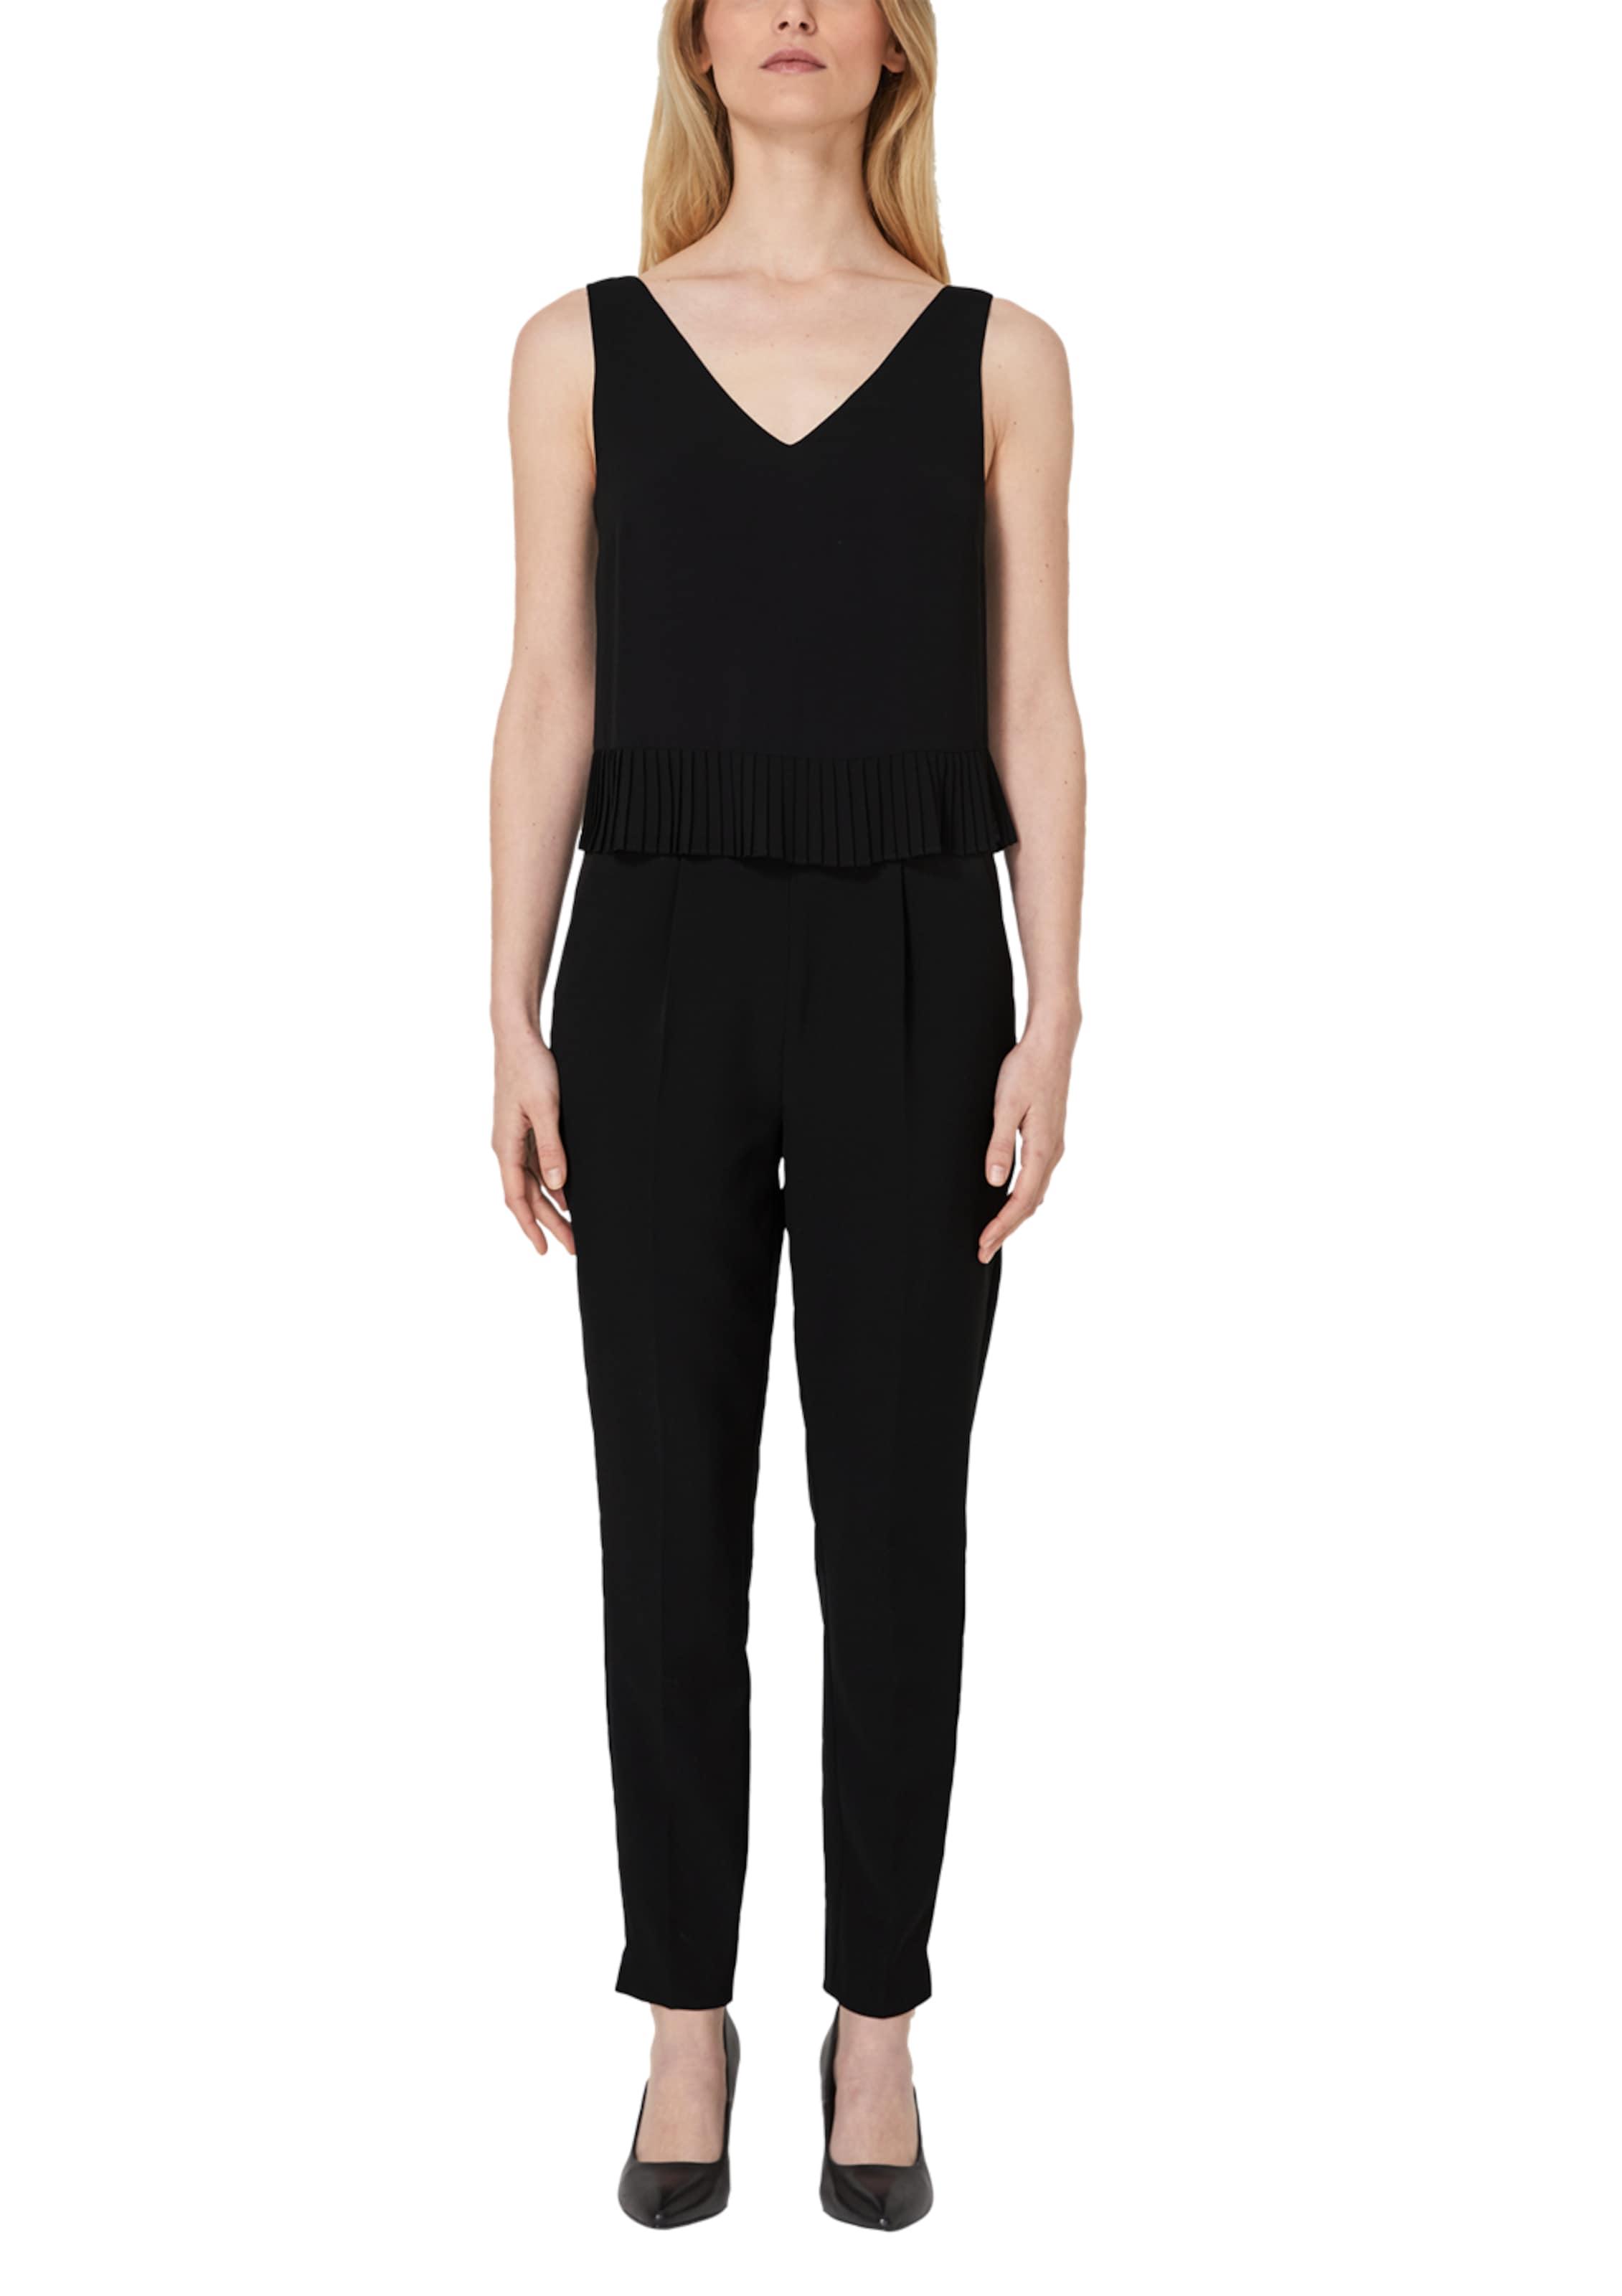 Label Plissée Black Schwarz blende S Jumpsuit Mit oliver In yvb6gf7Y